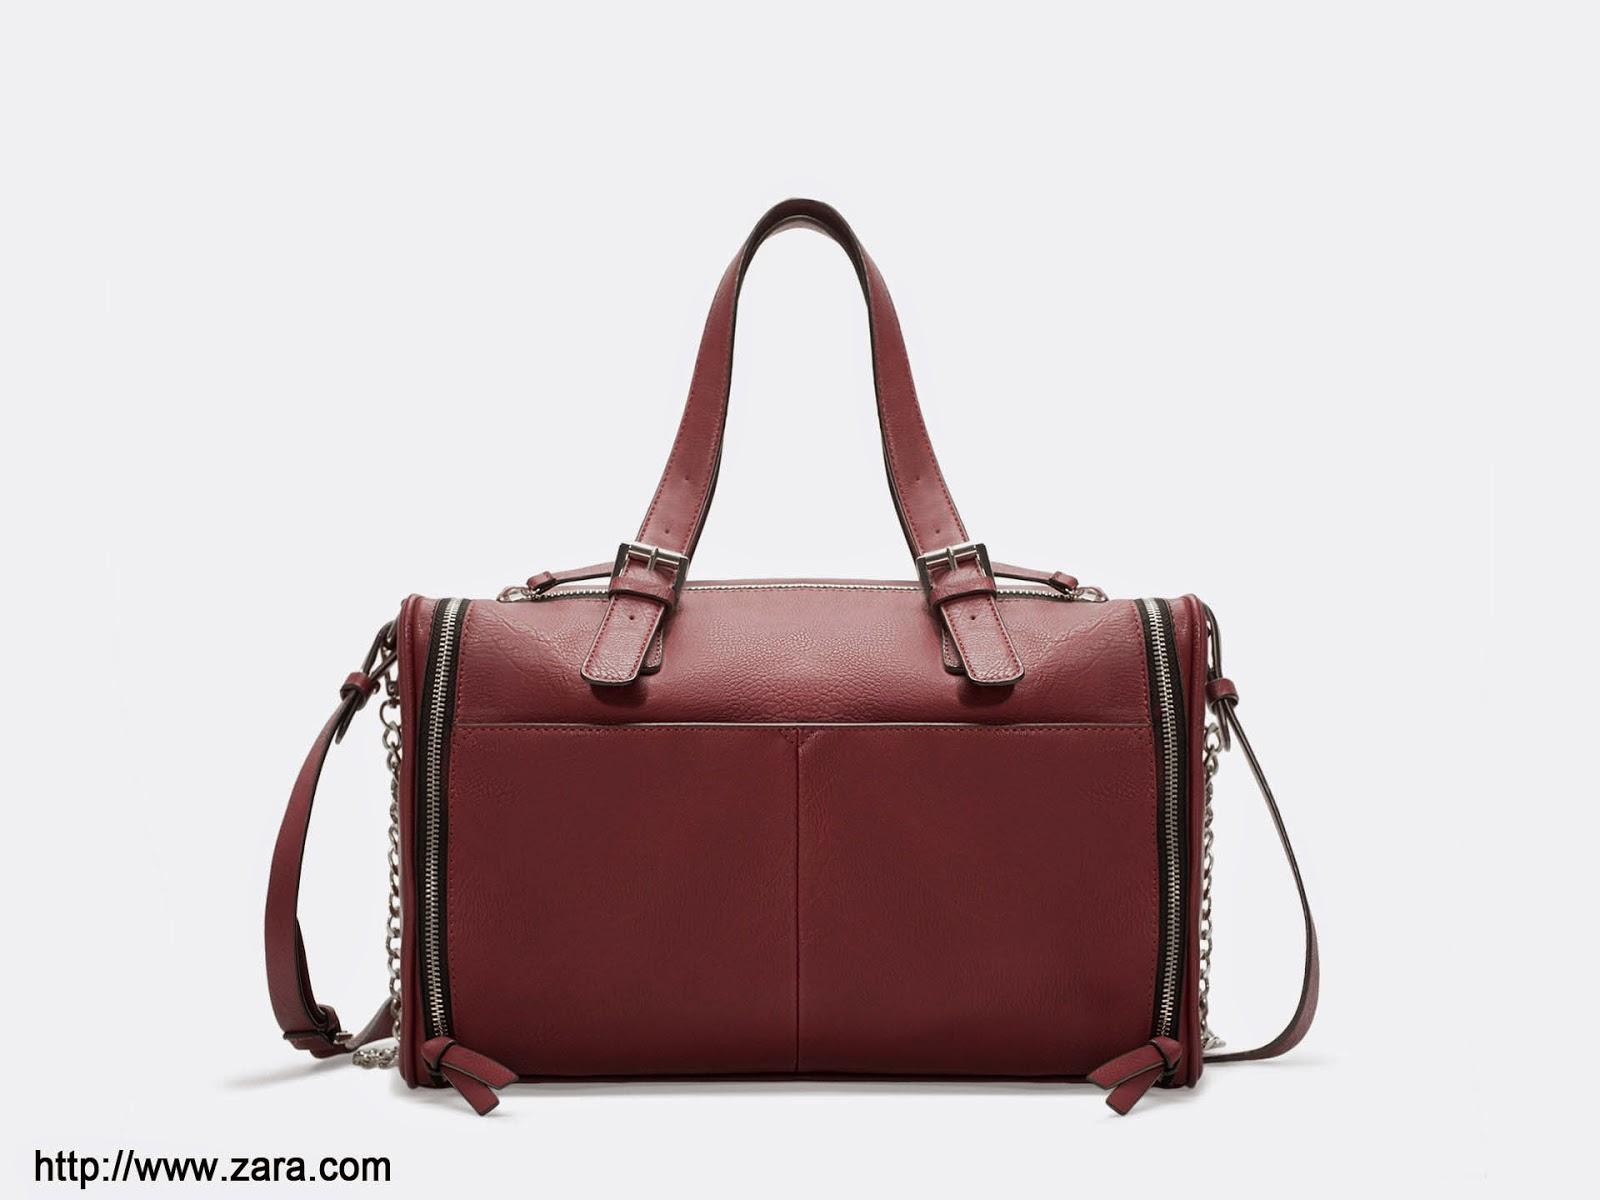 Bolso/Bag ZARA TRF